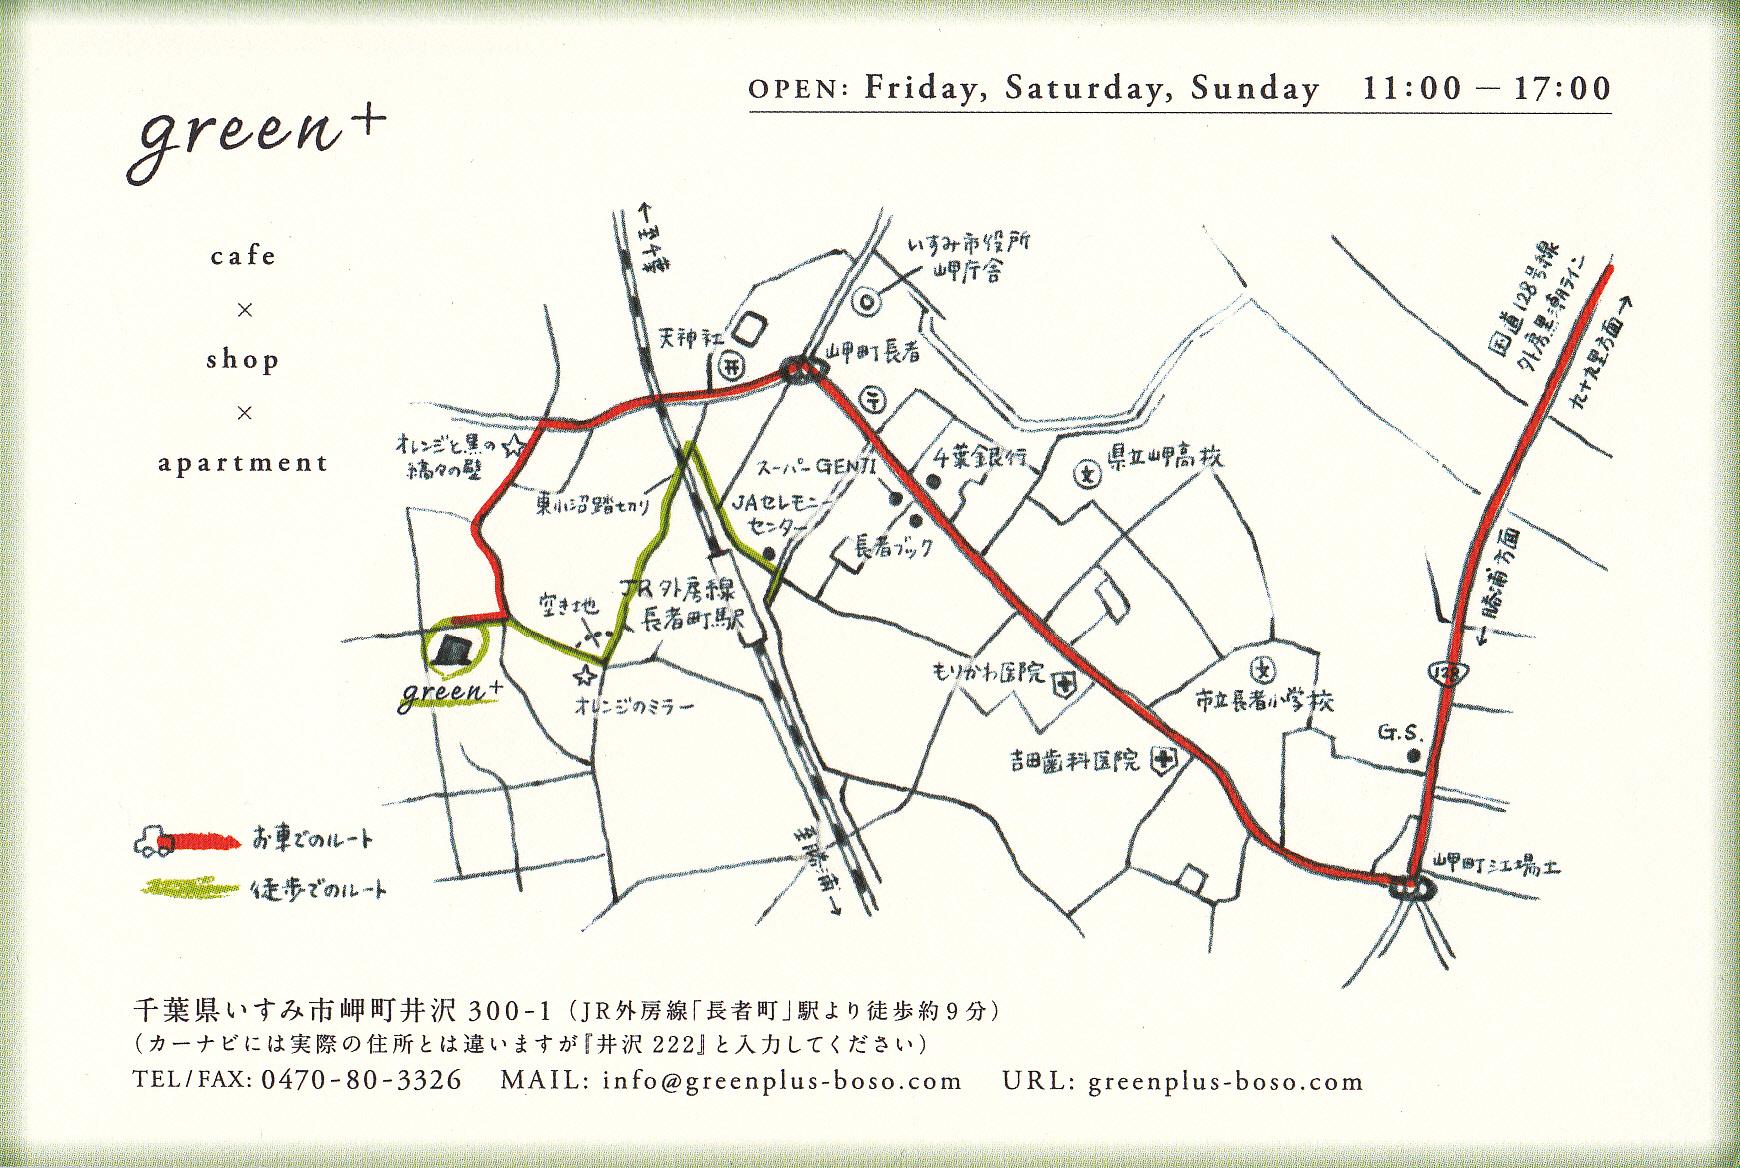 千葉県 いすみ市 長者町 カフェ green+ グリーンプラス 里山カフェ コーヒー マクロビオティック 自然派 暖炉 おしゃれ空間 39